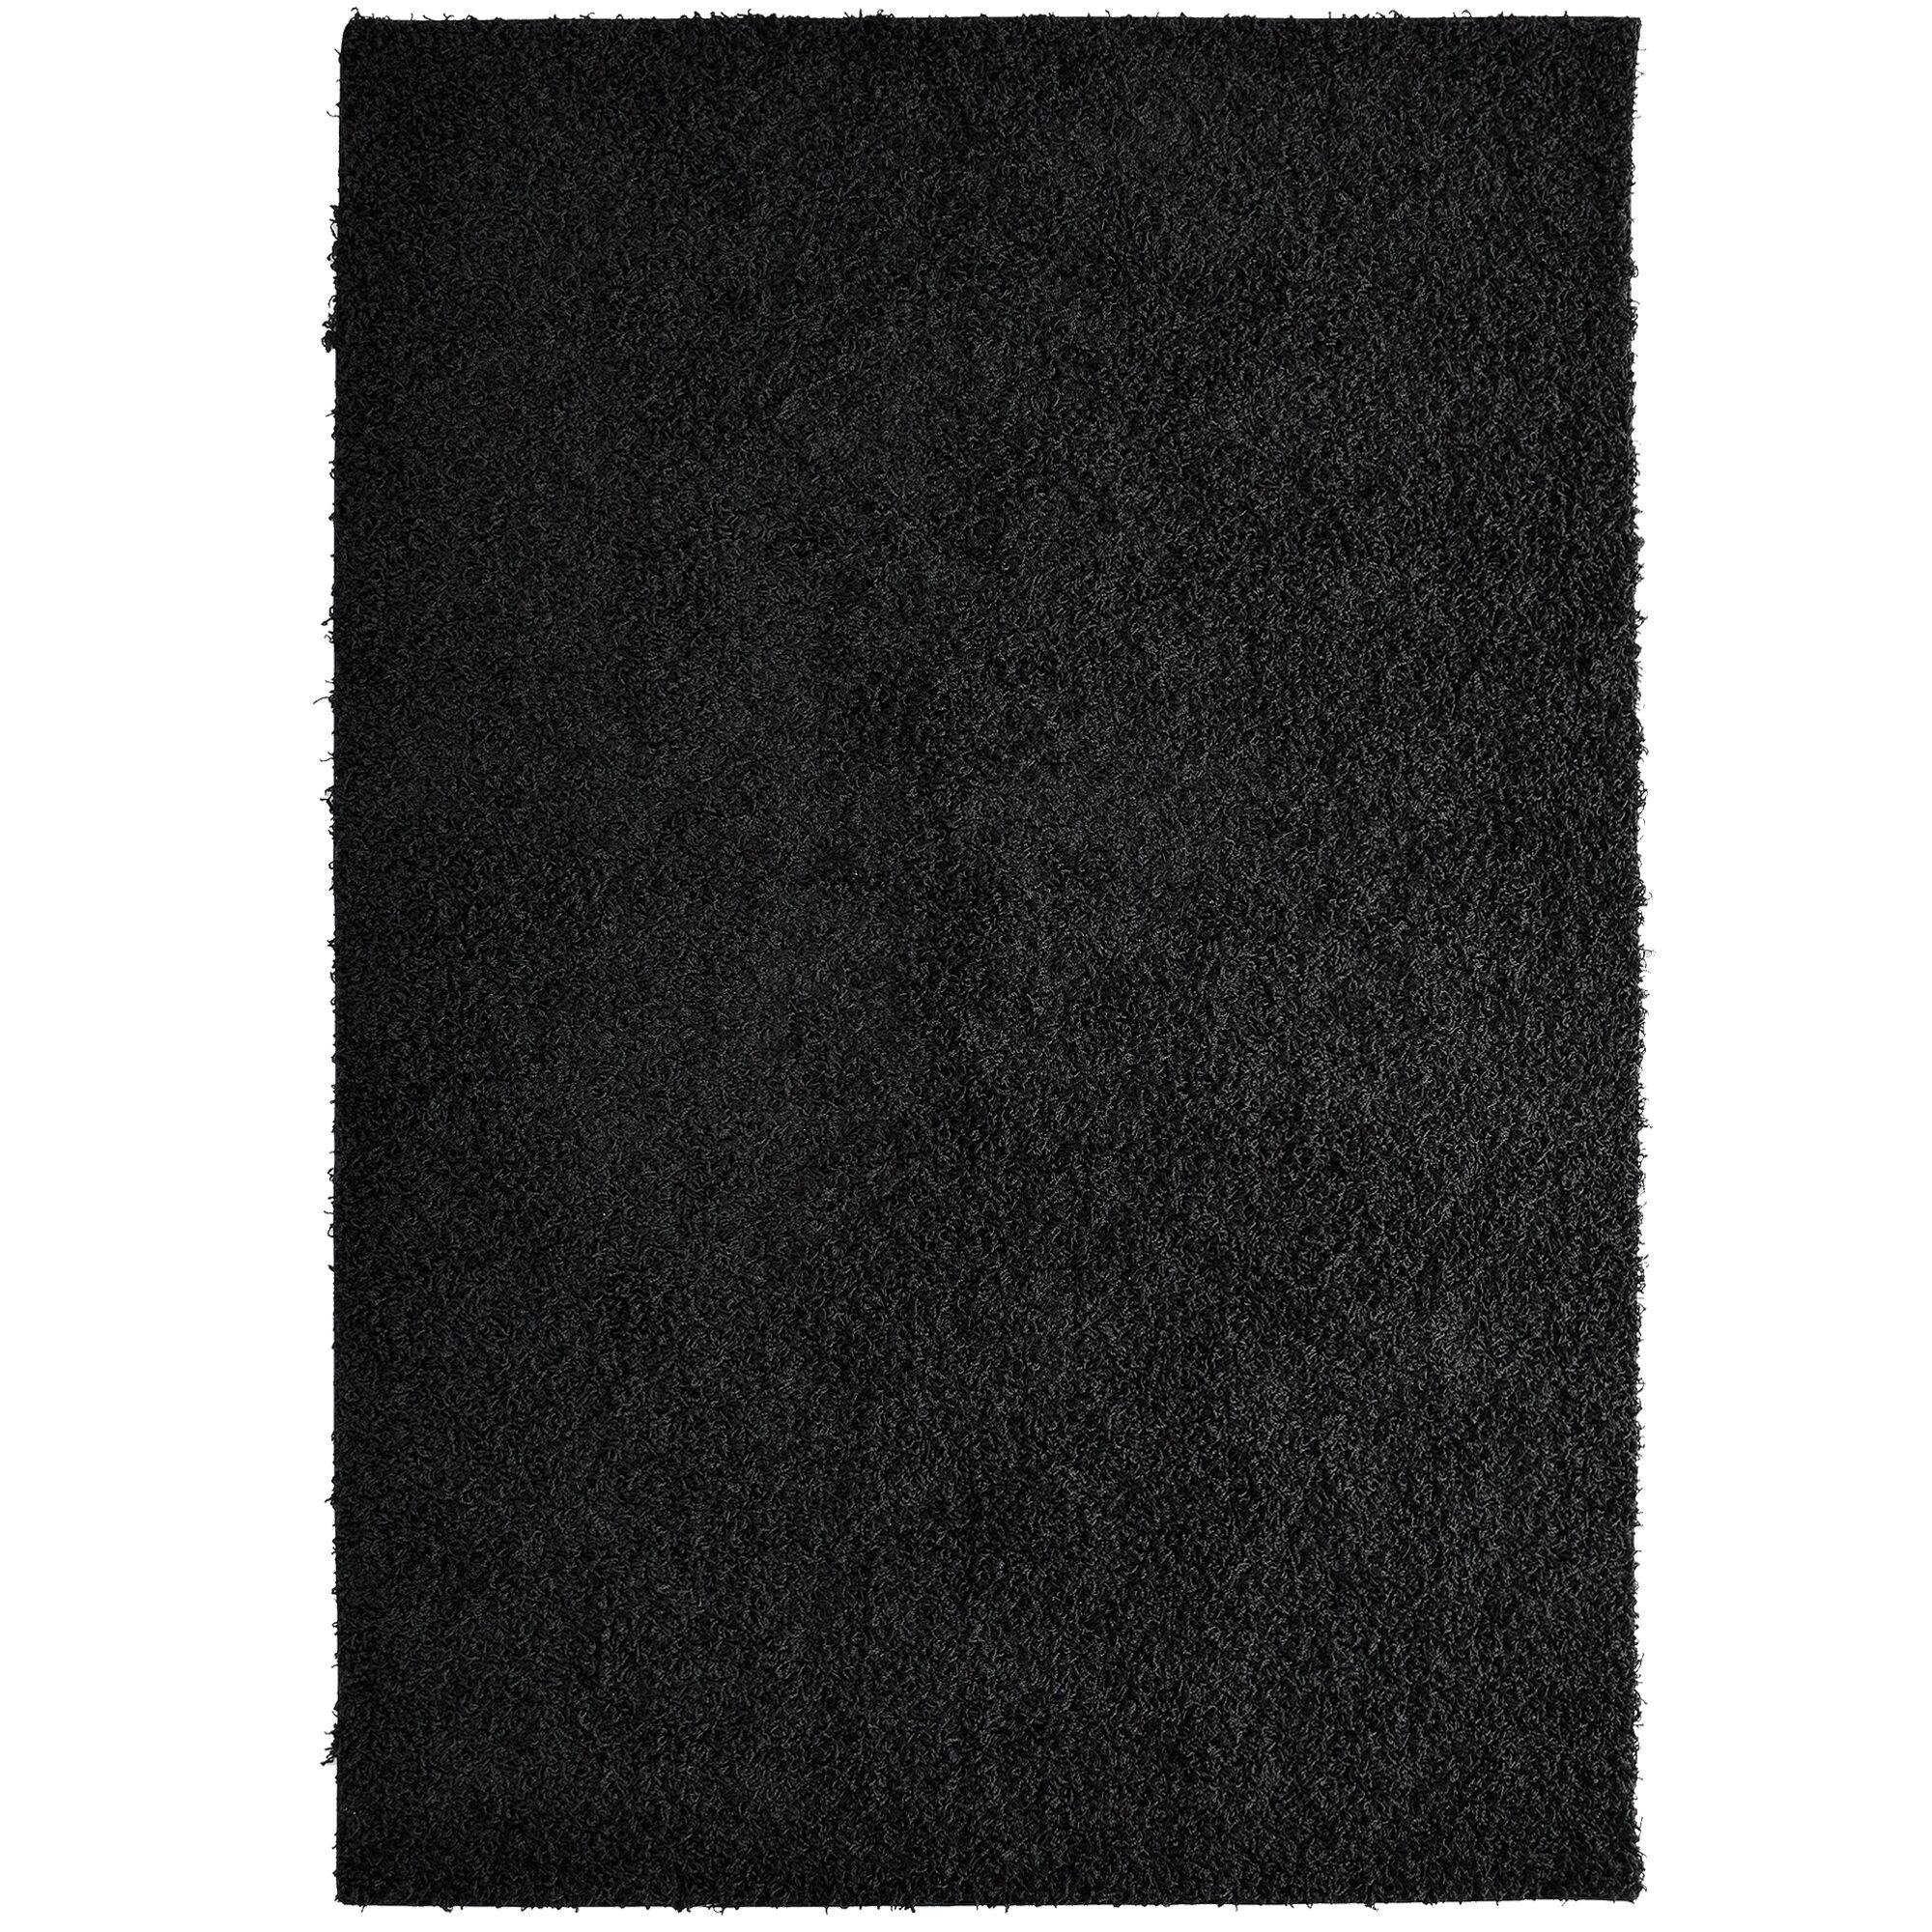 Shag-Ola Black Area Rug Rug Size: 8' x 10'